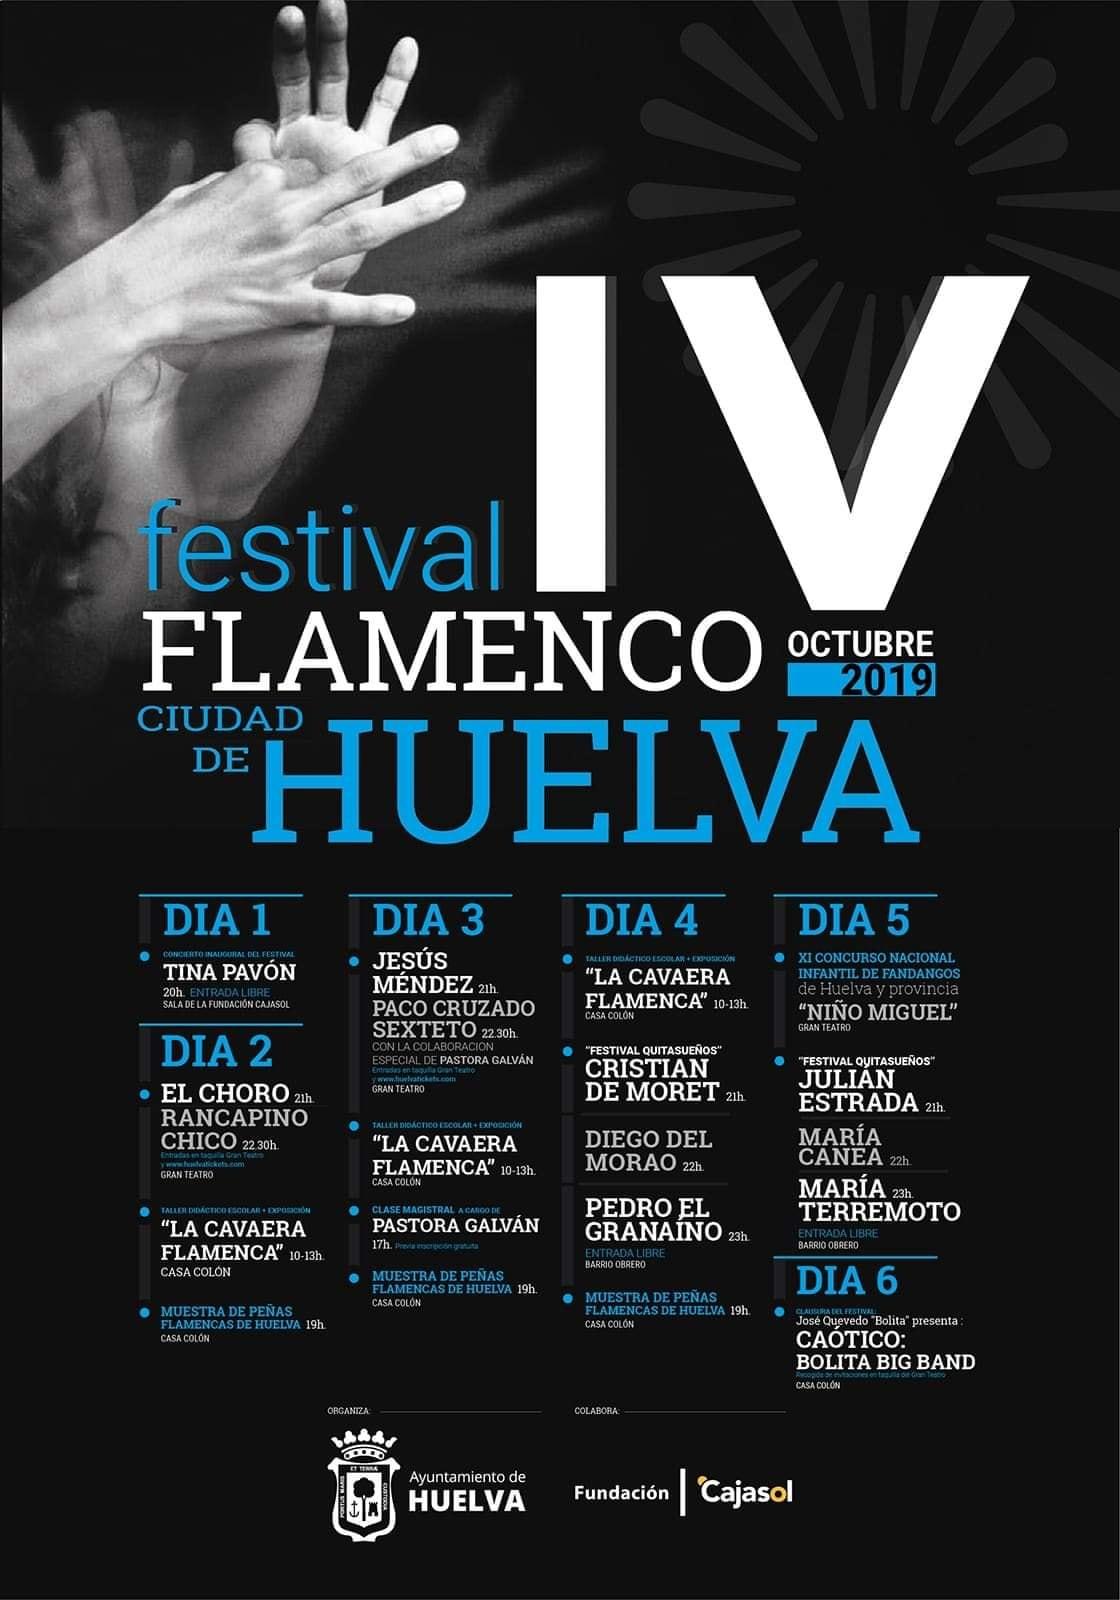 Festival Flamenco de Huelva